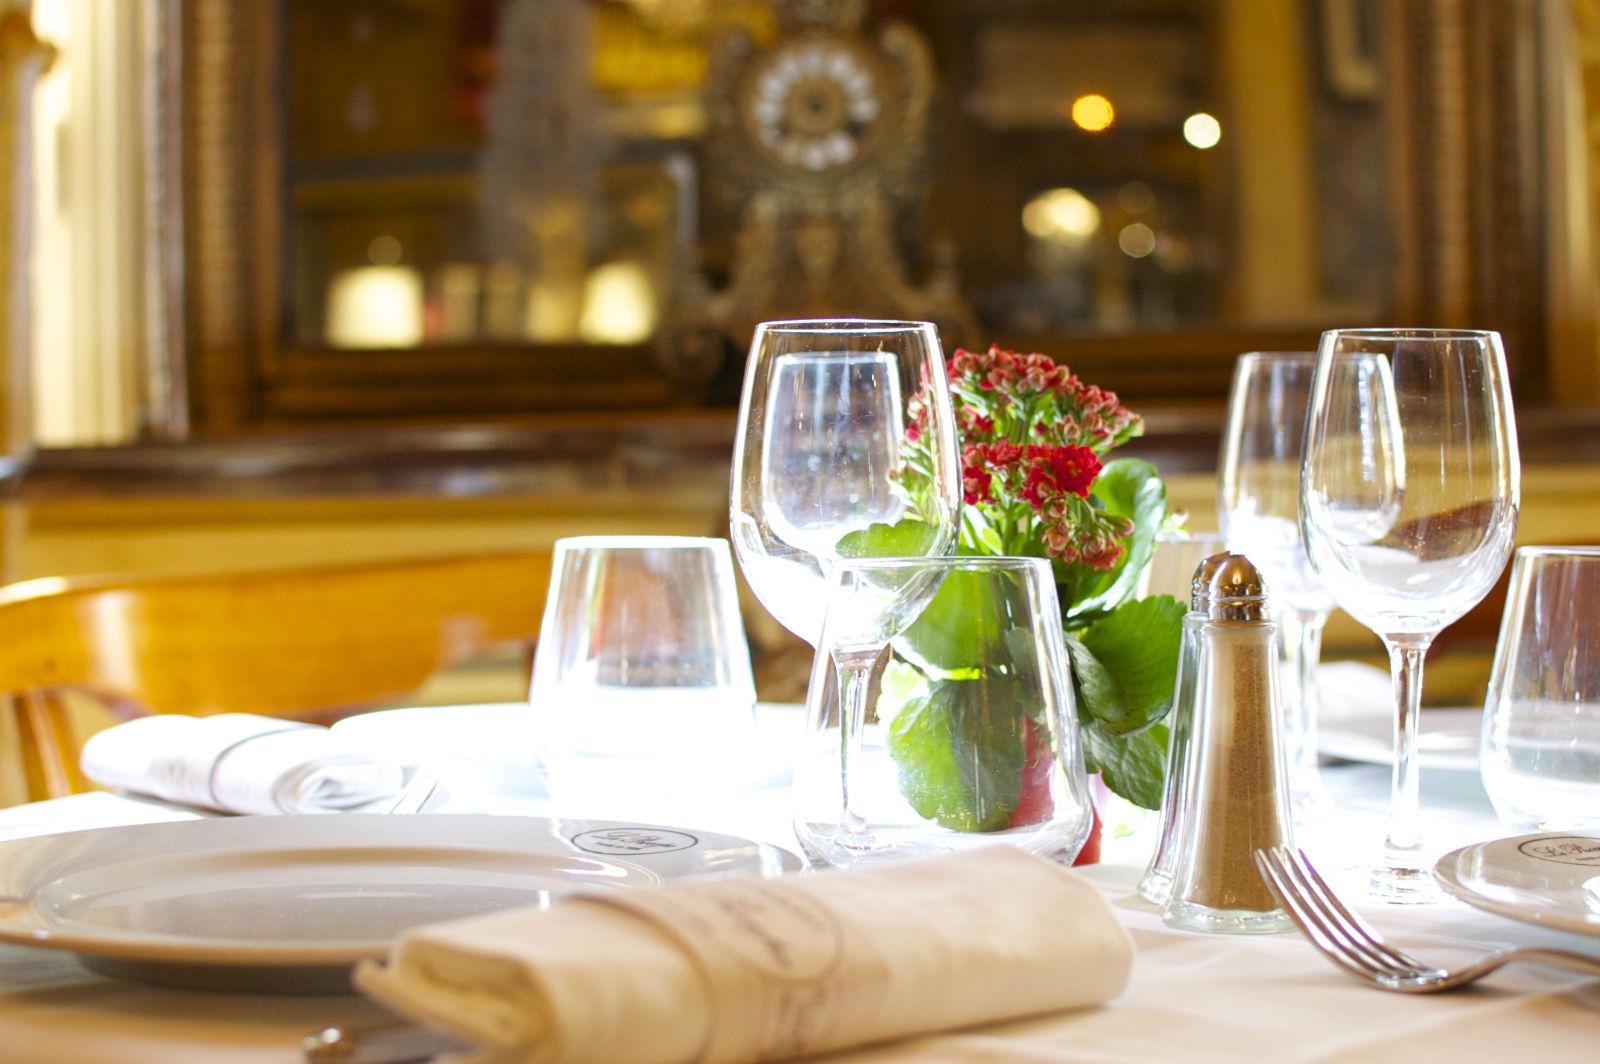 Hip paris blog le procope a paris dining experience for 13 a table paris